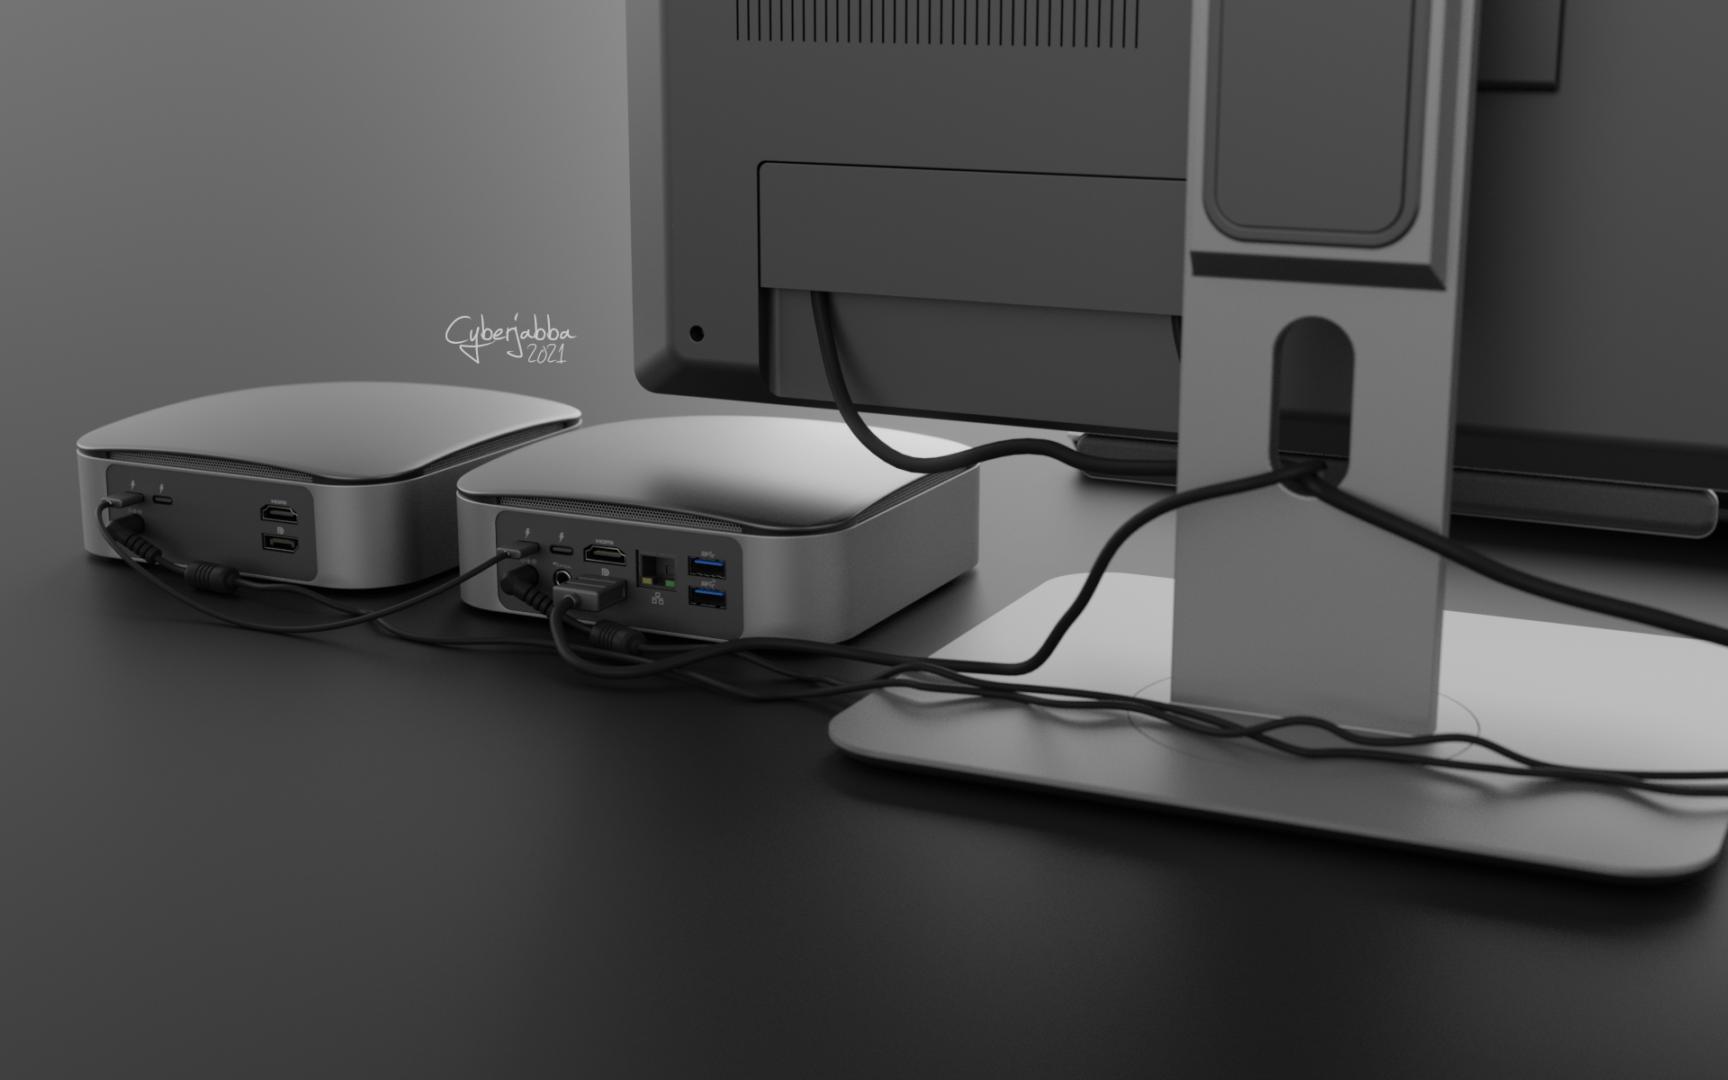 minipc_arm_concept_oriz_08